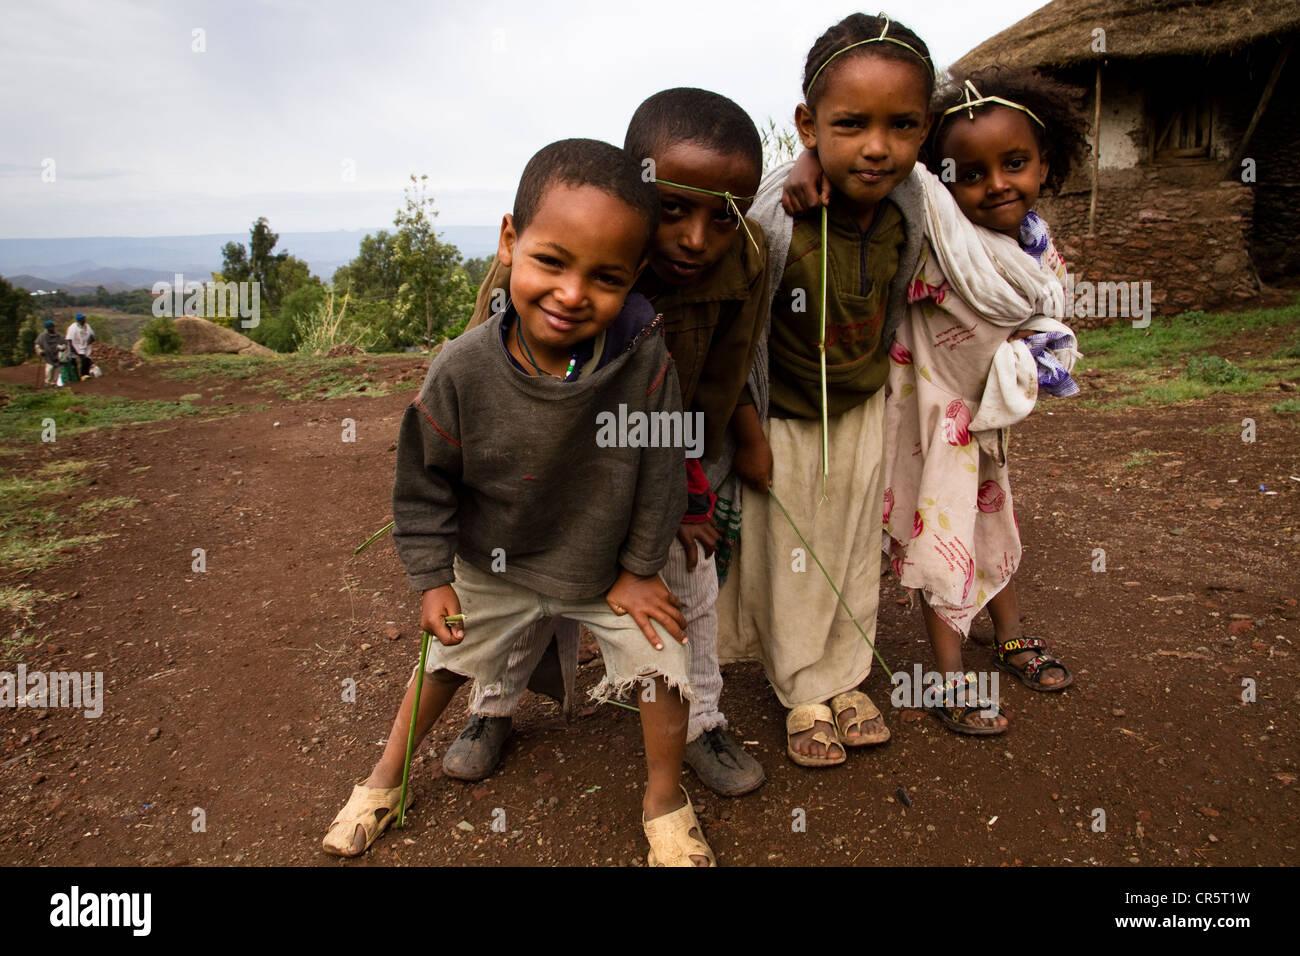 Children in Lalibela, Ethiopia, Africa - Stock Image